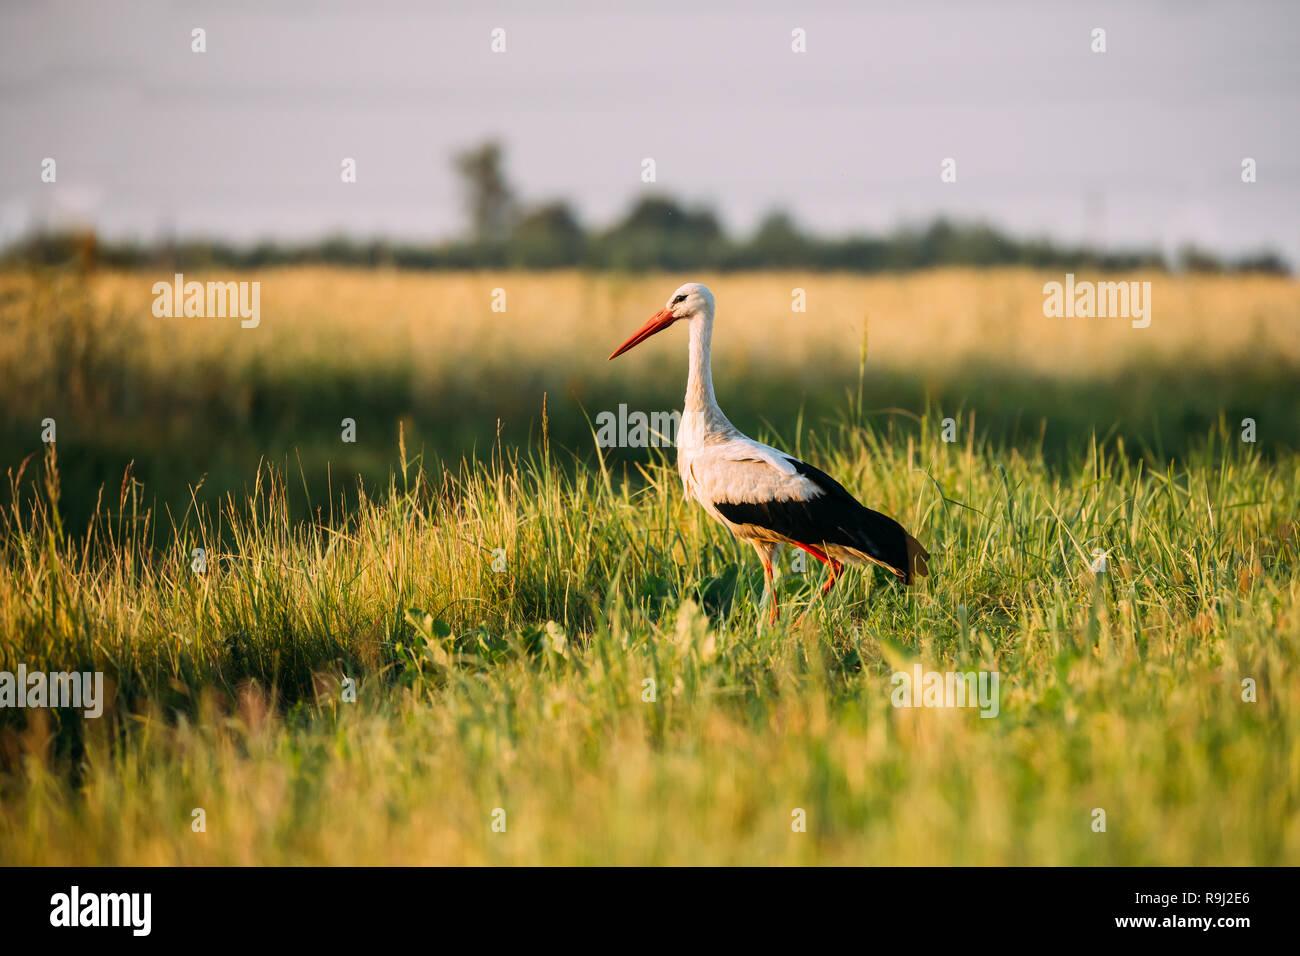 Belarus. Nach europäischen Weißstorch im grünen Gras. Wilde Feld Vogel im Sonnenuntergang. Stockbild